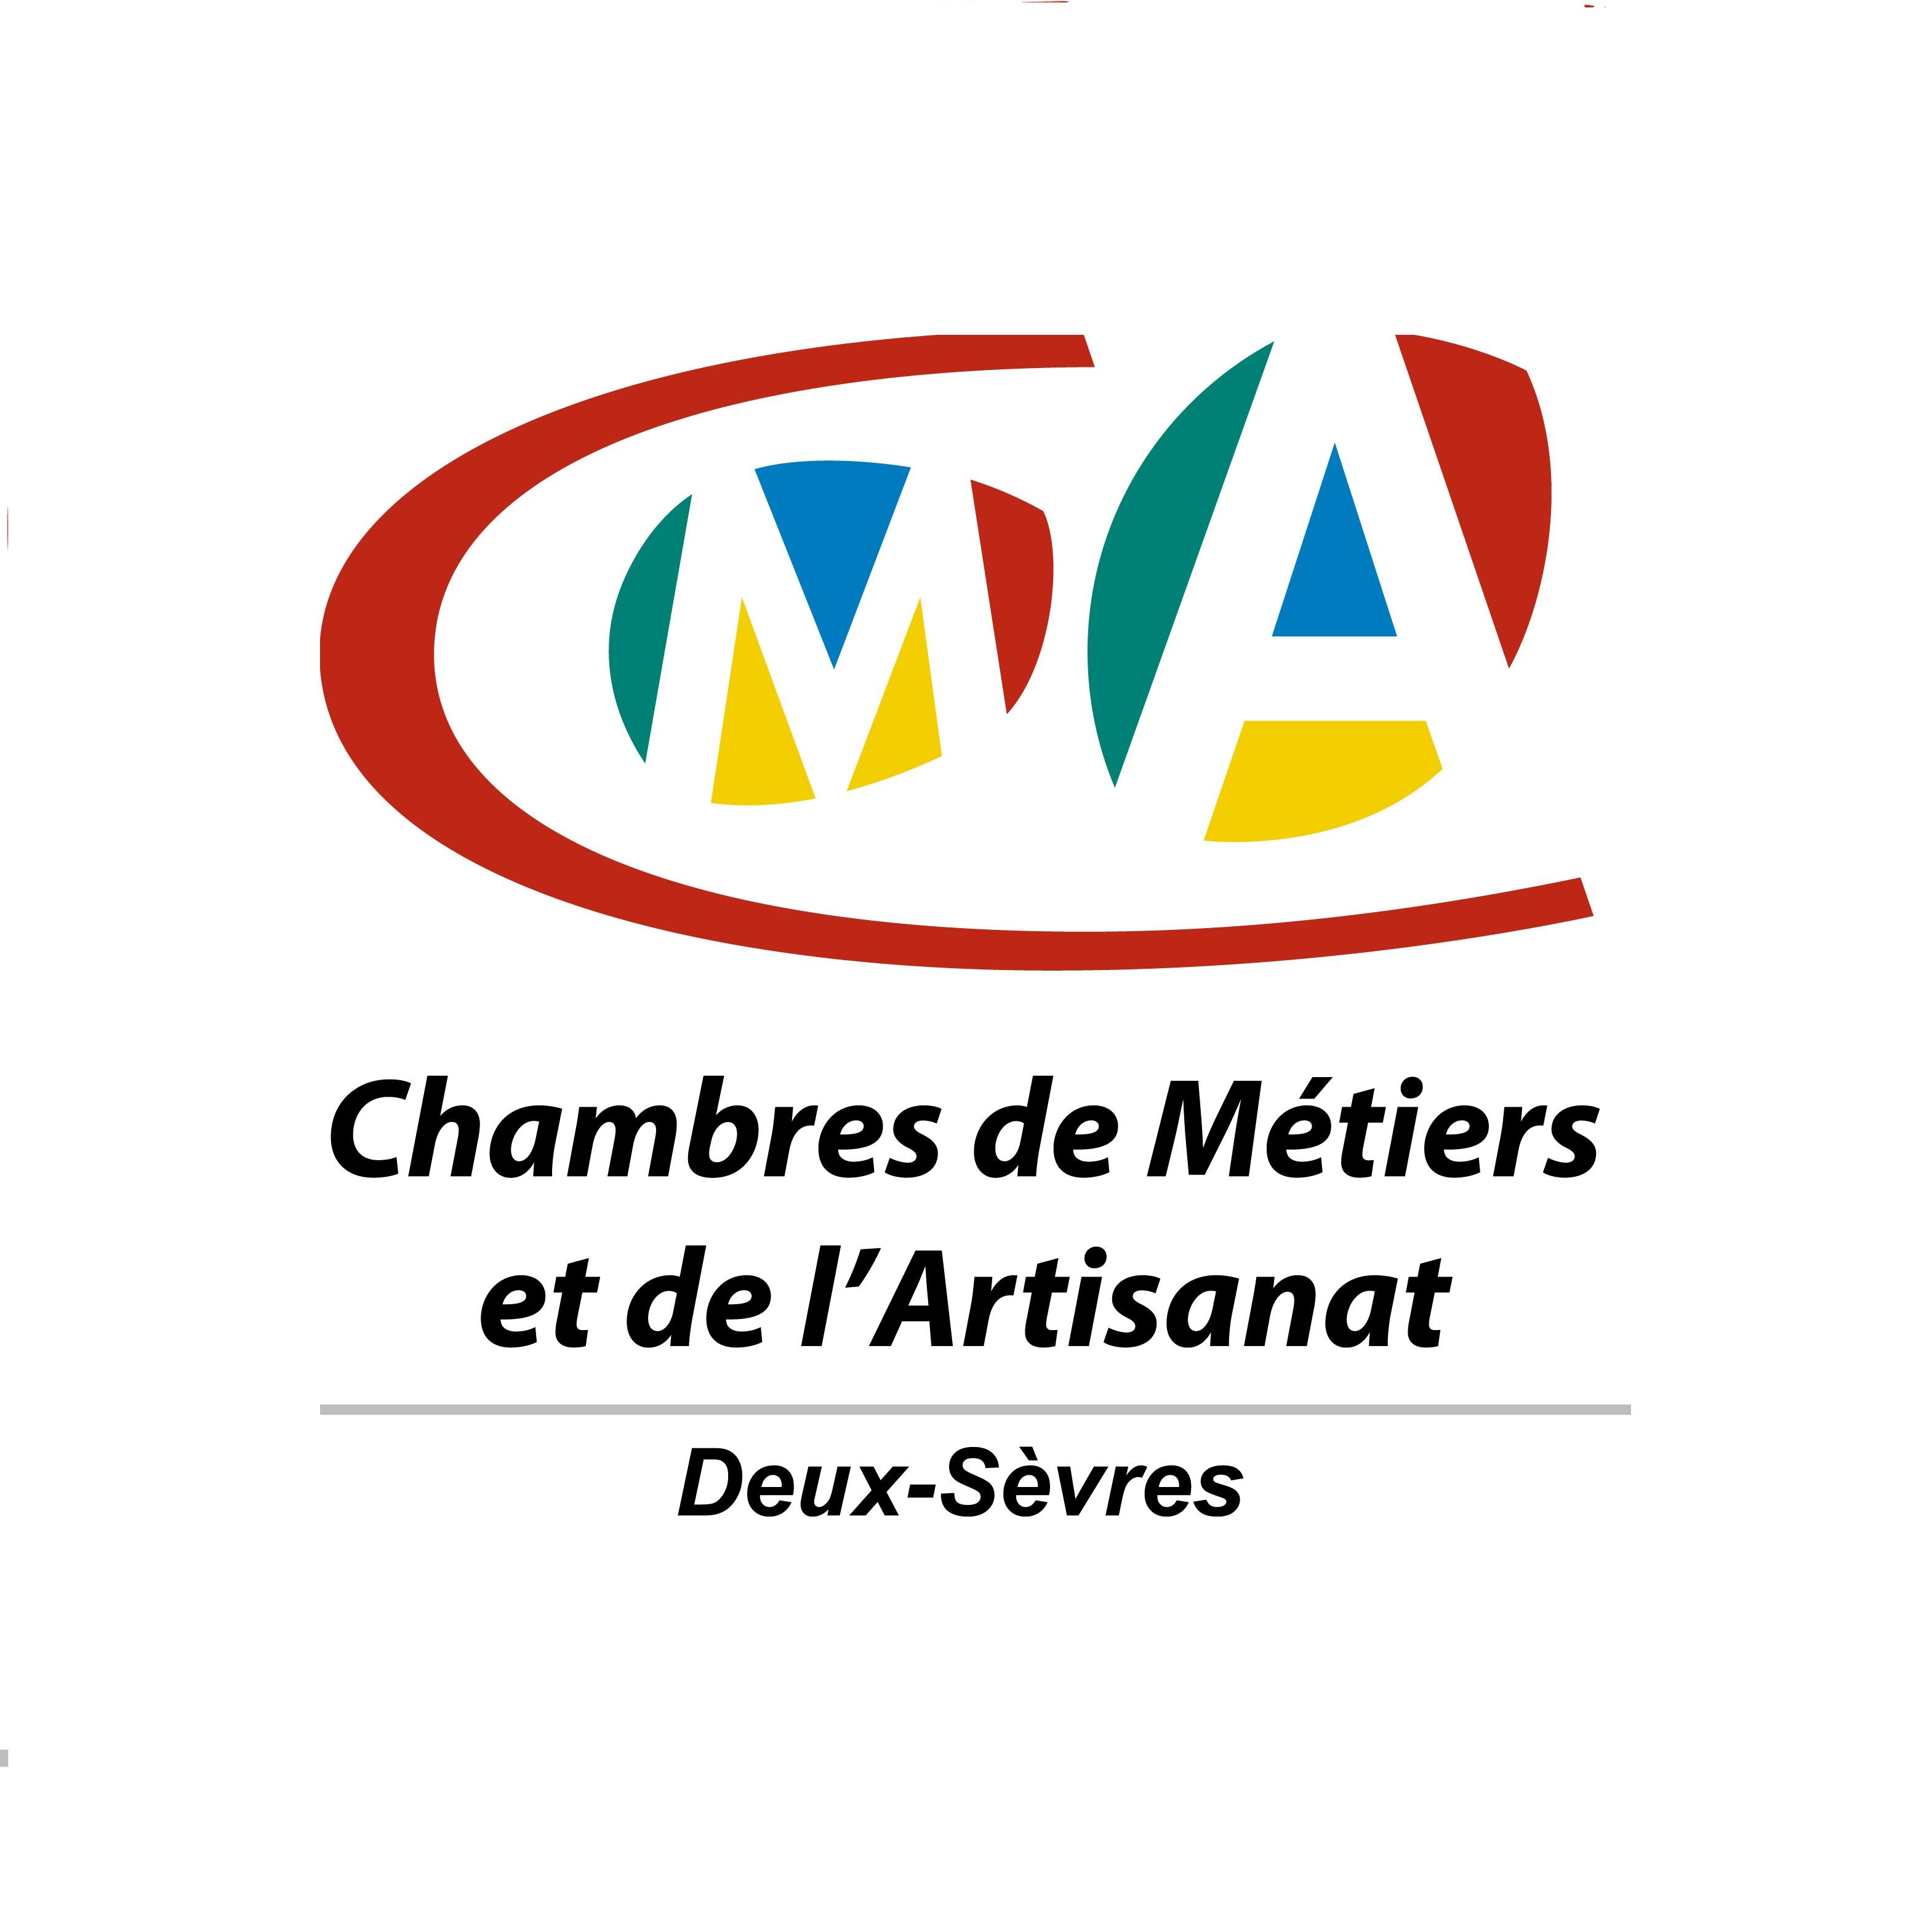 cma 79 logo